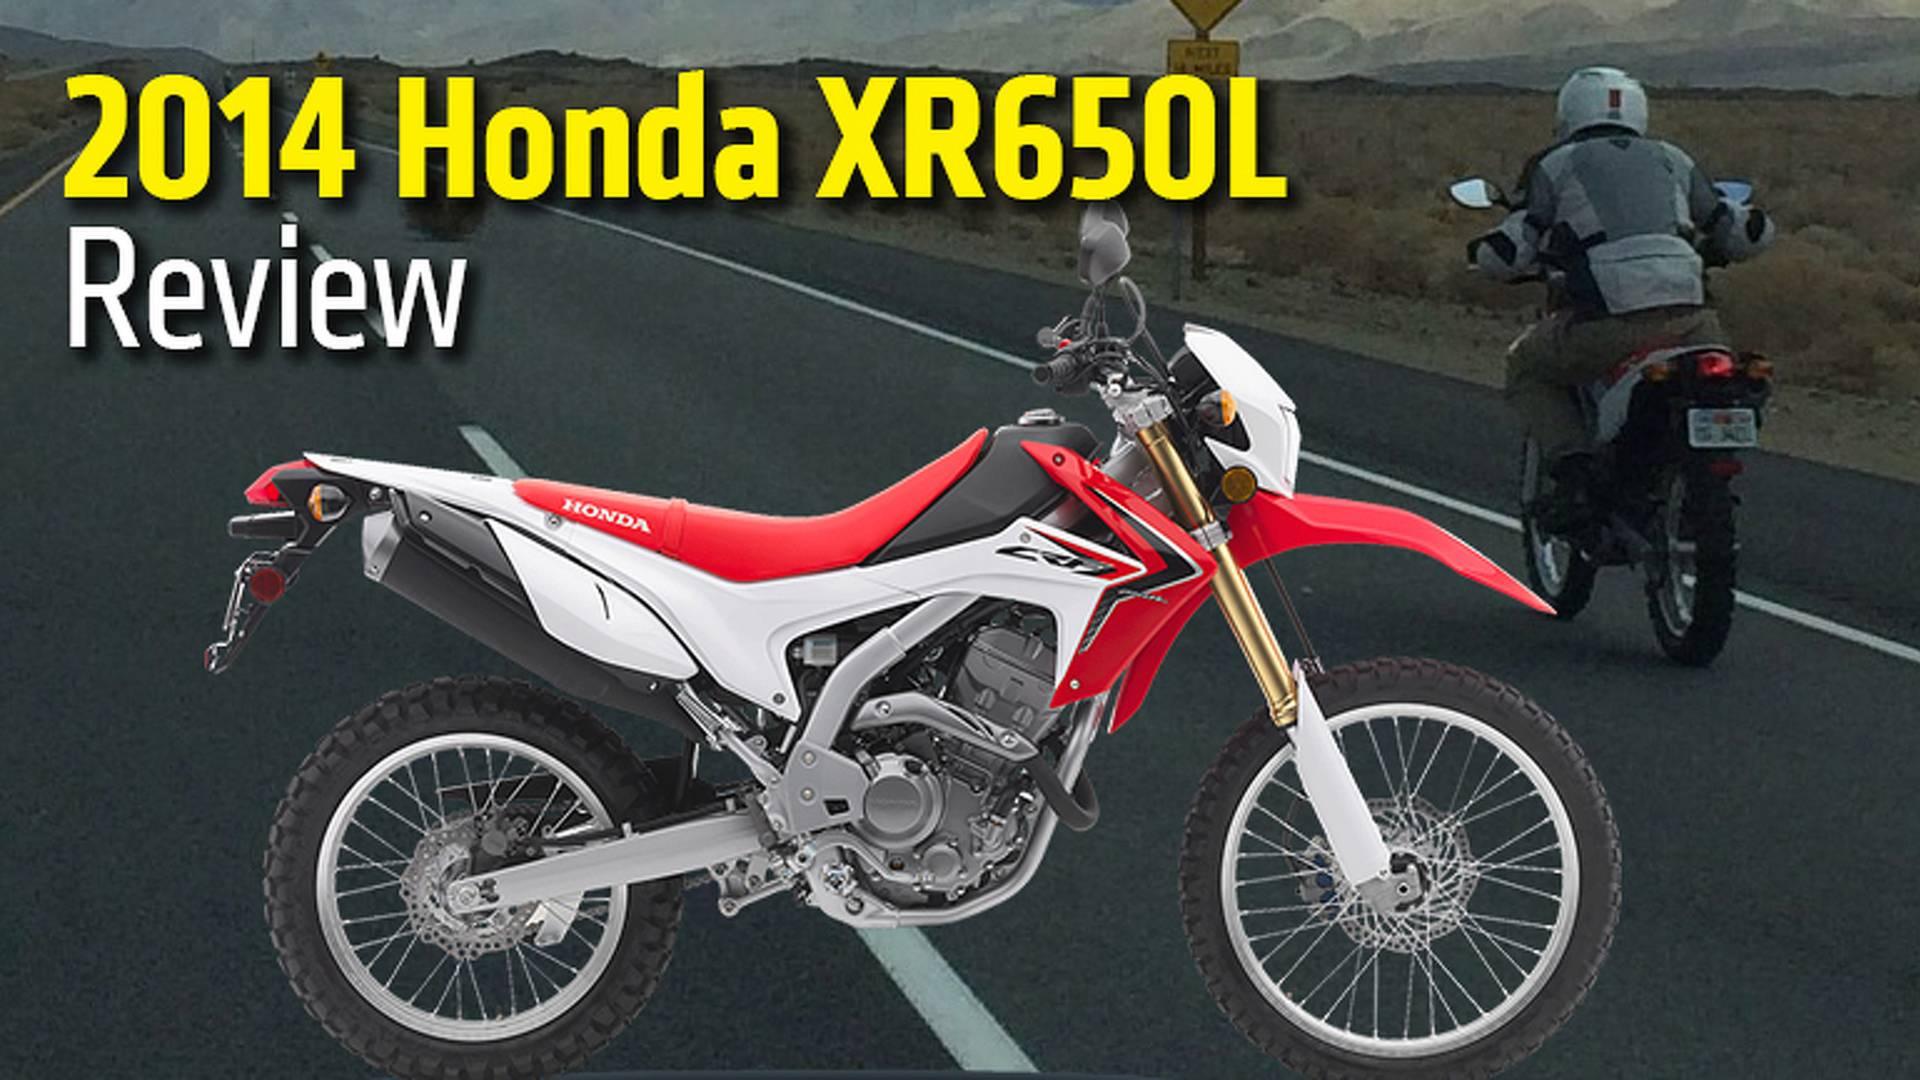 2014 Honda XR650L   Quick Look Review